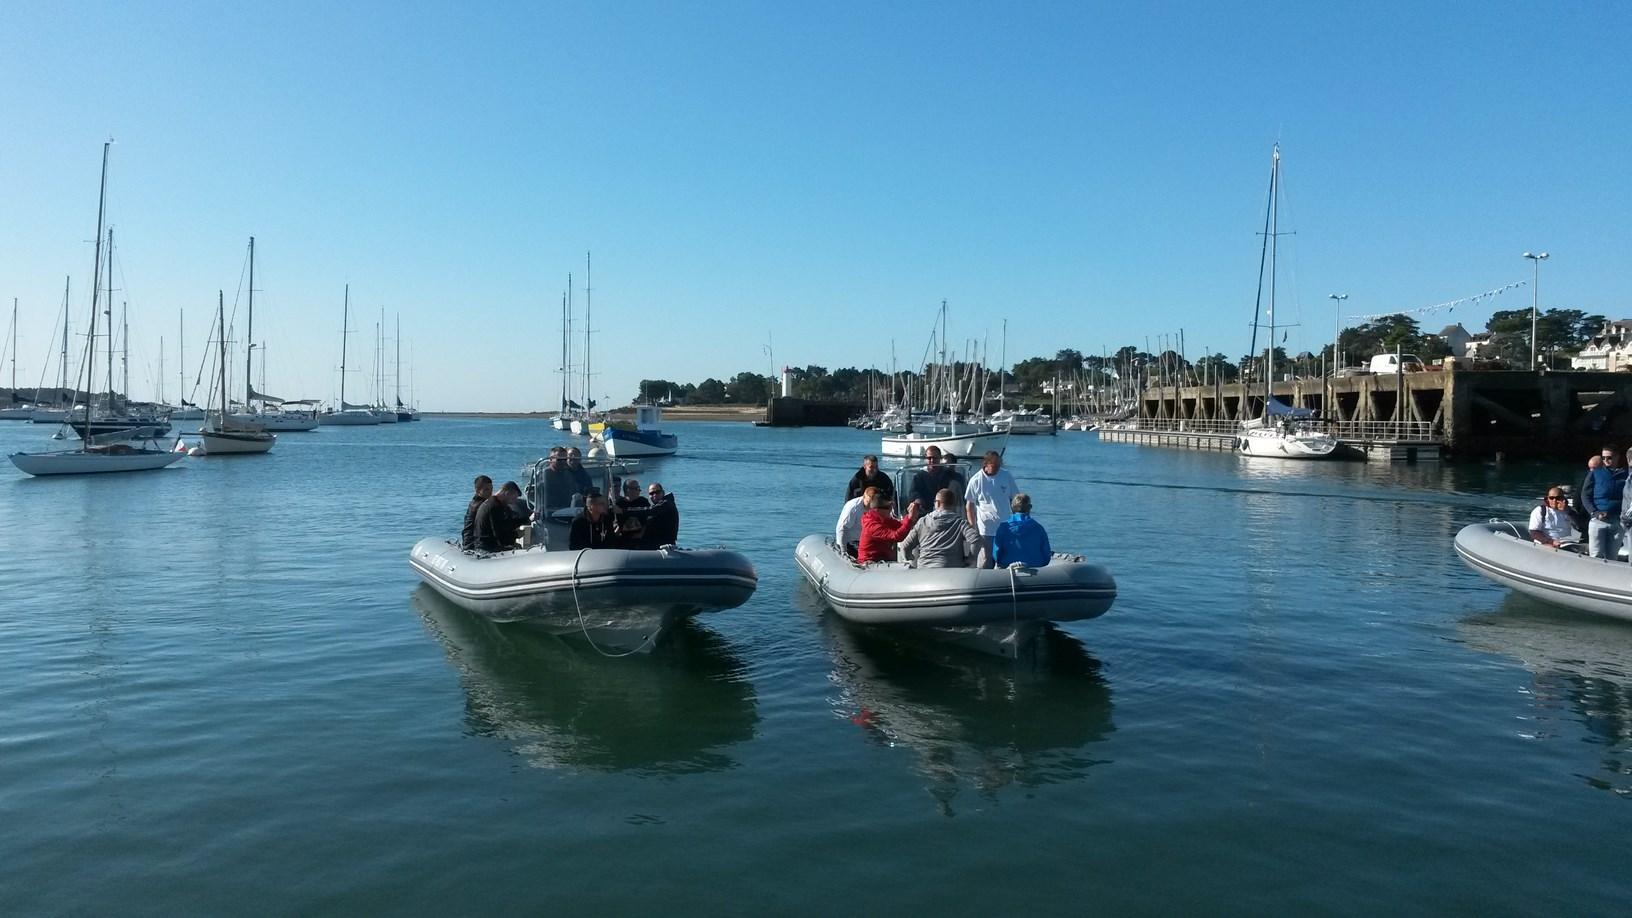 Rallye Nautique anniversaire d'entreprise dans le Golfe Du Morbihan trinité capelli silinger carnac team building incentive séminaire skipper navigation eau